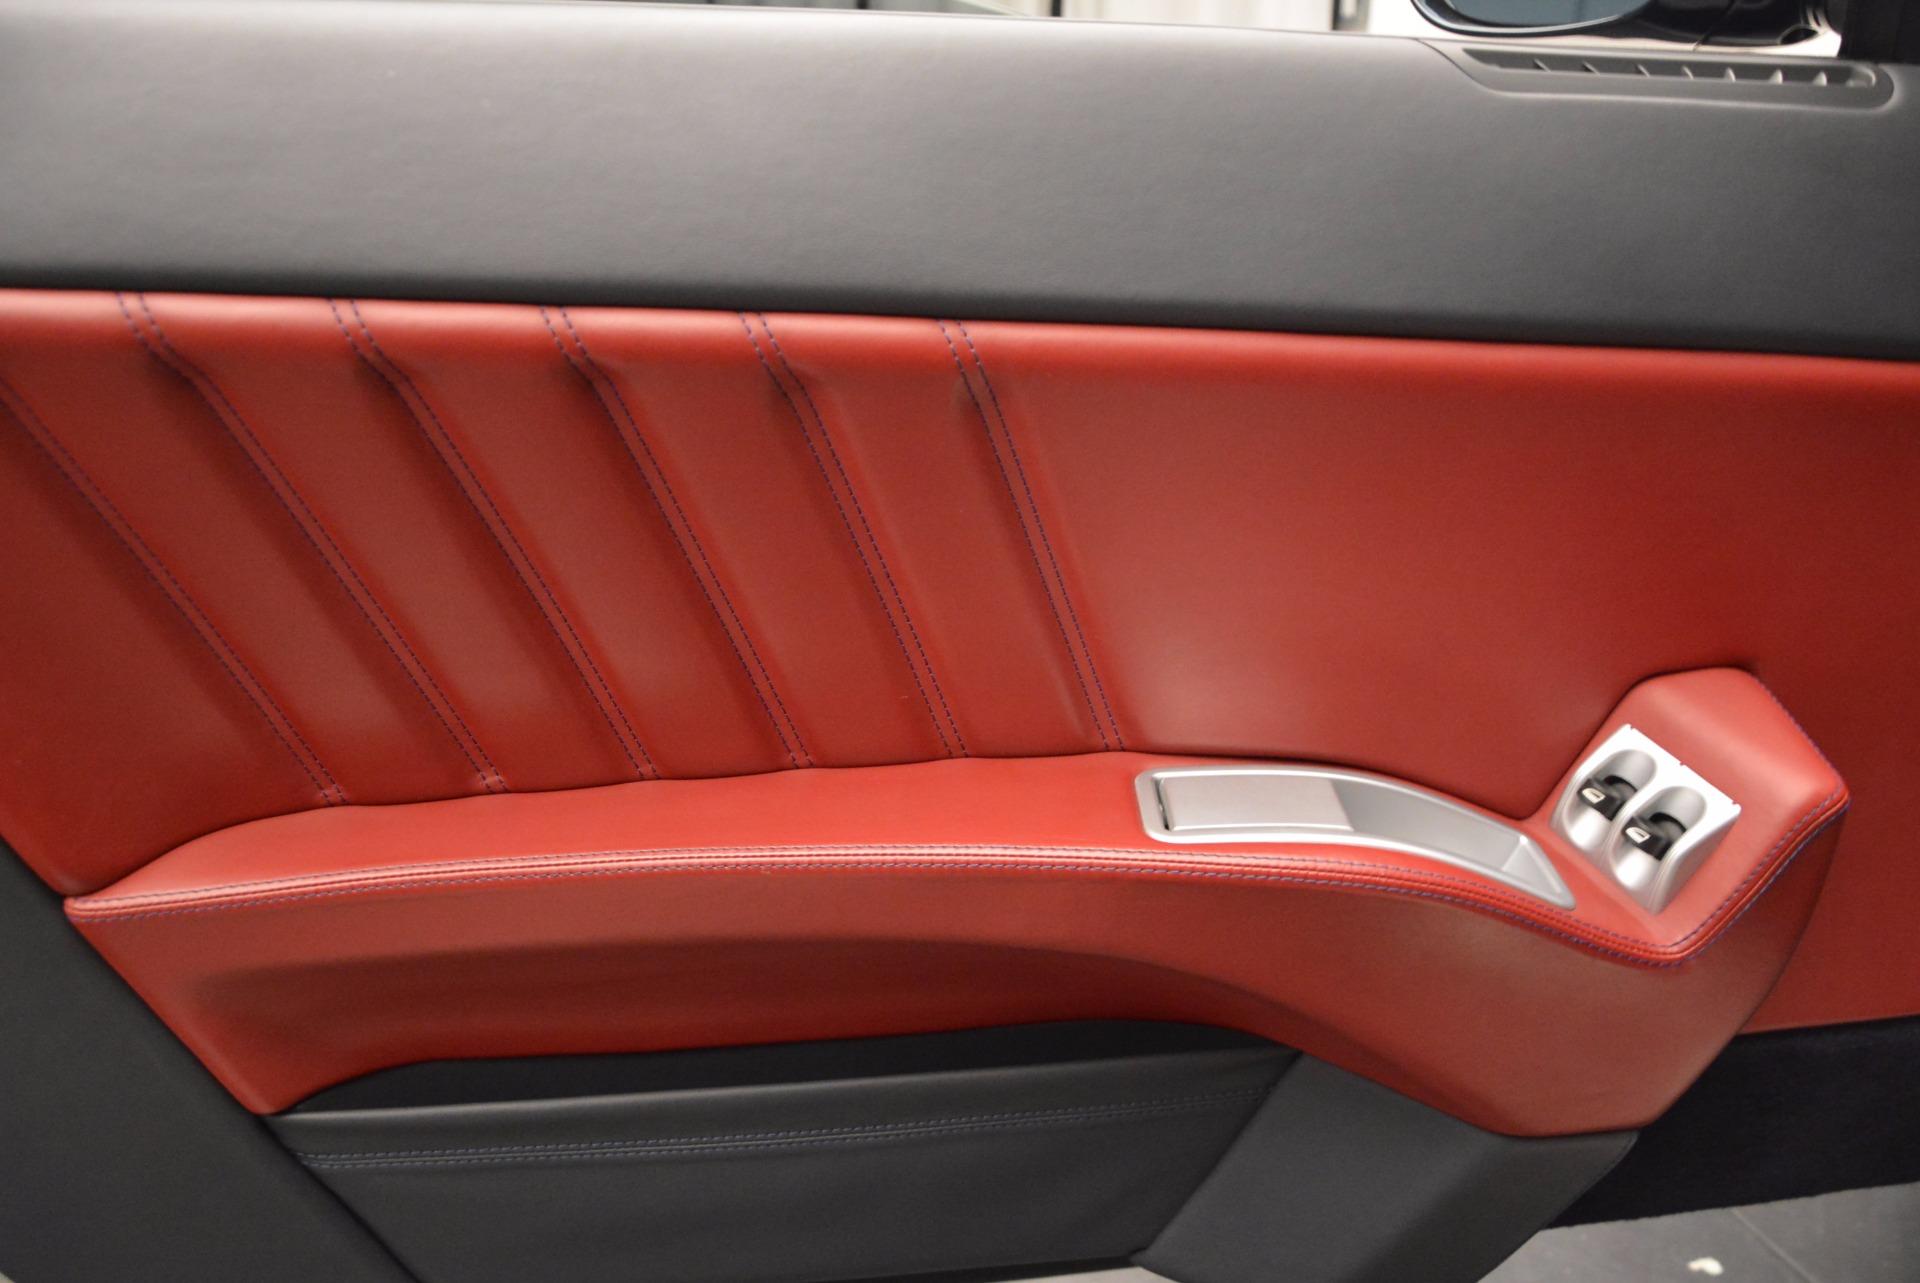 Used 2005 Ferrari 612 Scaglietti 6-Speed Manual For Sale In Greenwich, CT. Alfa Romeo of Greenwich, 4356 854_p16